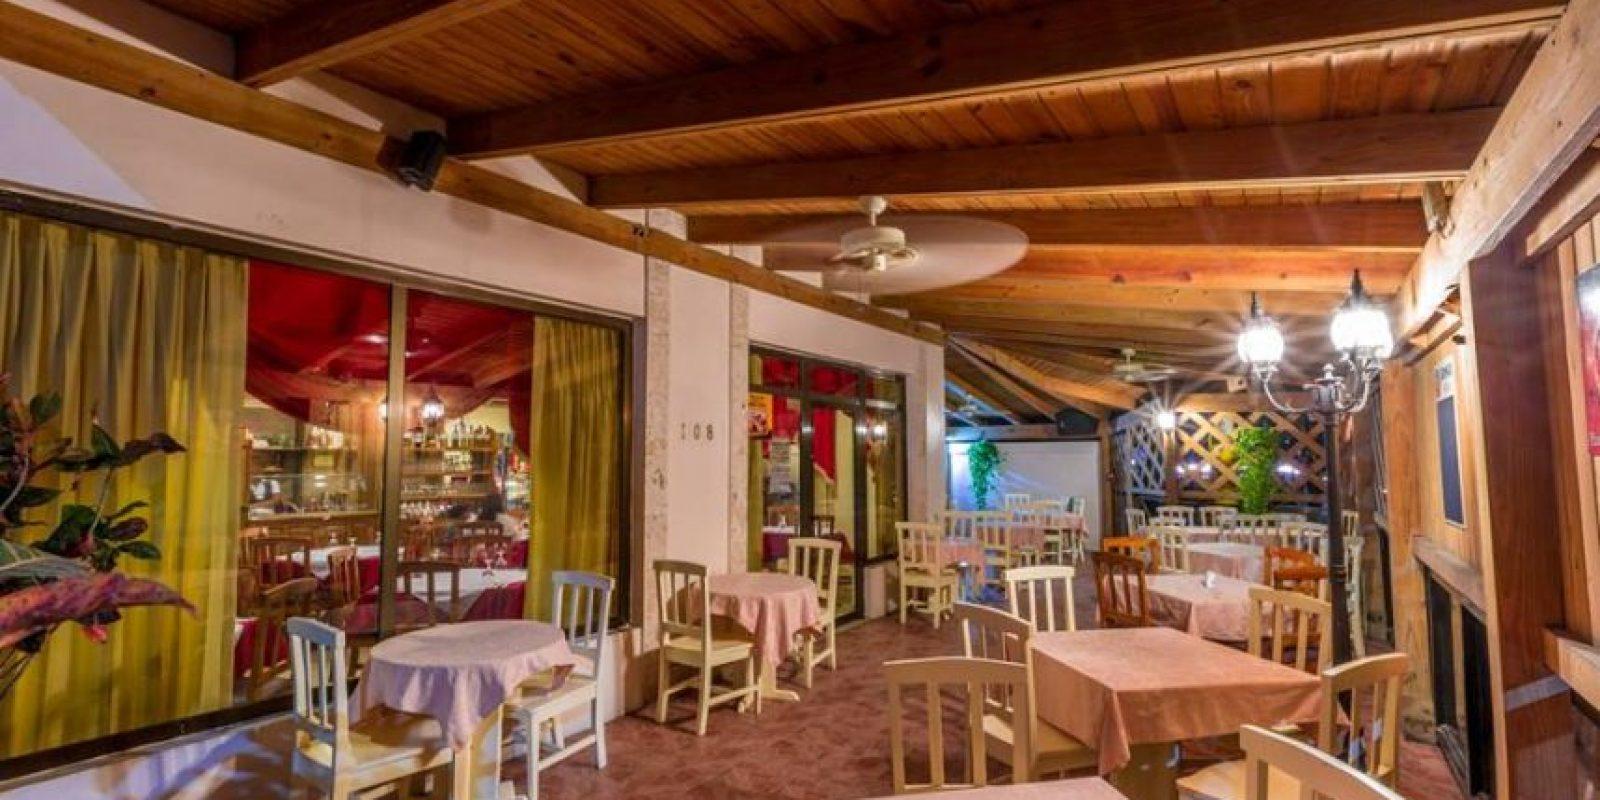 Restaurante Venezia. Manuel Miranda asegura que quien desea disfrutar de auténtica comida italiana en un ambiente casual y acogedor debe visitar Venezia. El restaurante, famoso por sus pizzas en horno de leña y sus pastas frescas, se ha convertido en favorito de residententes y turistas de la zona.